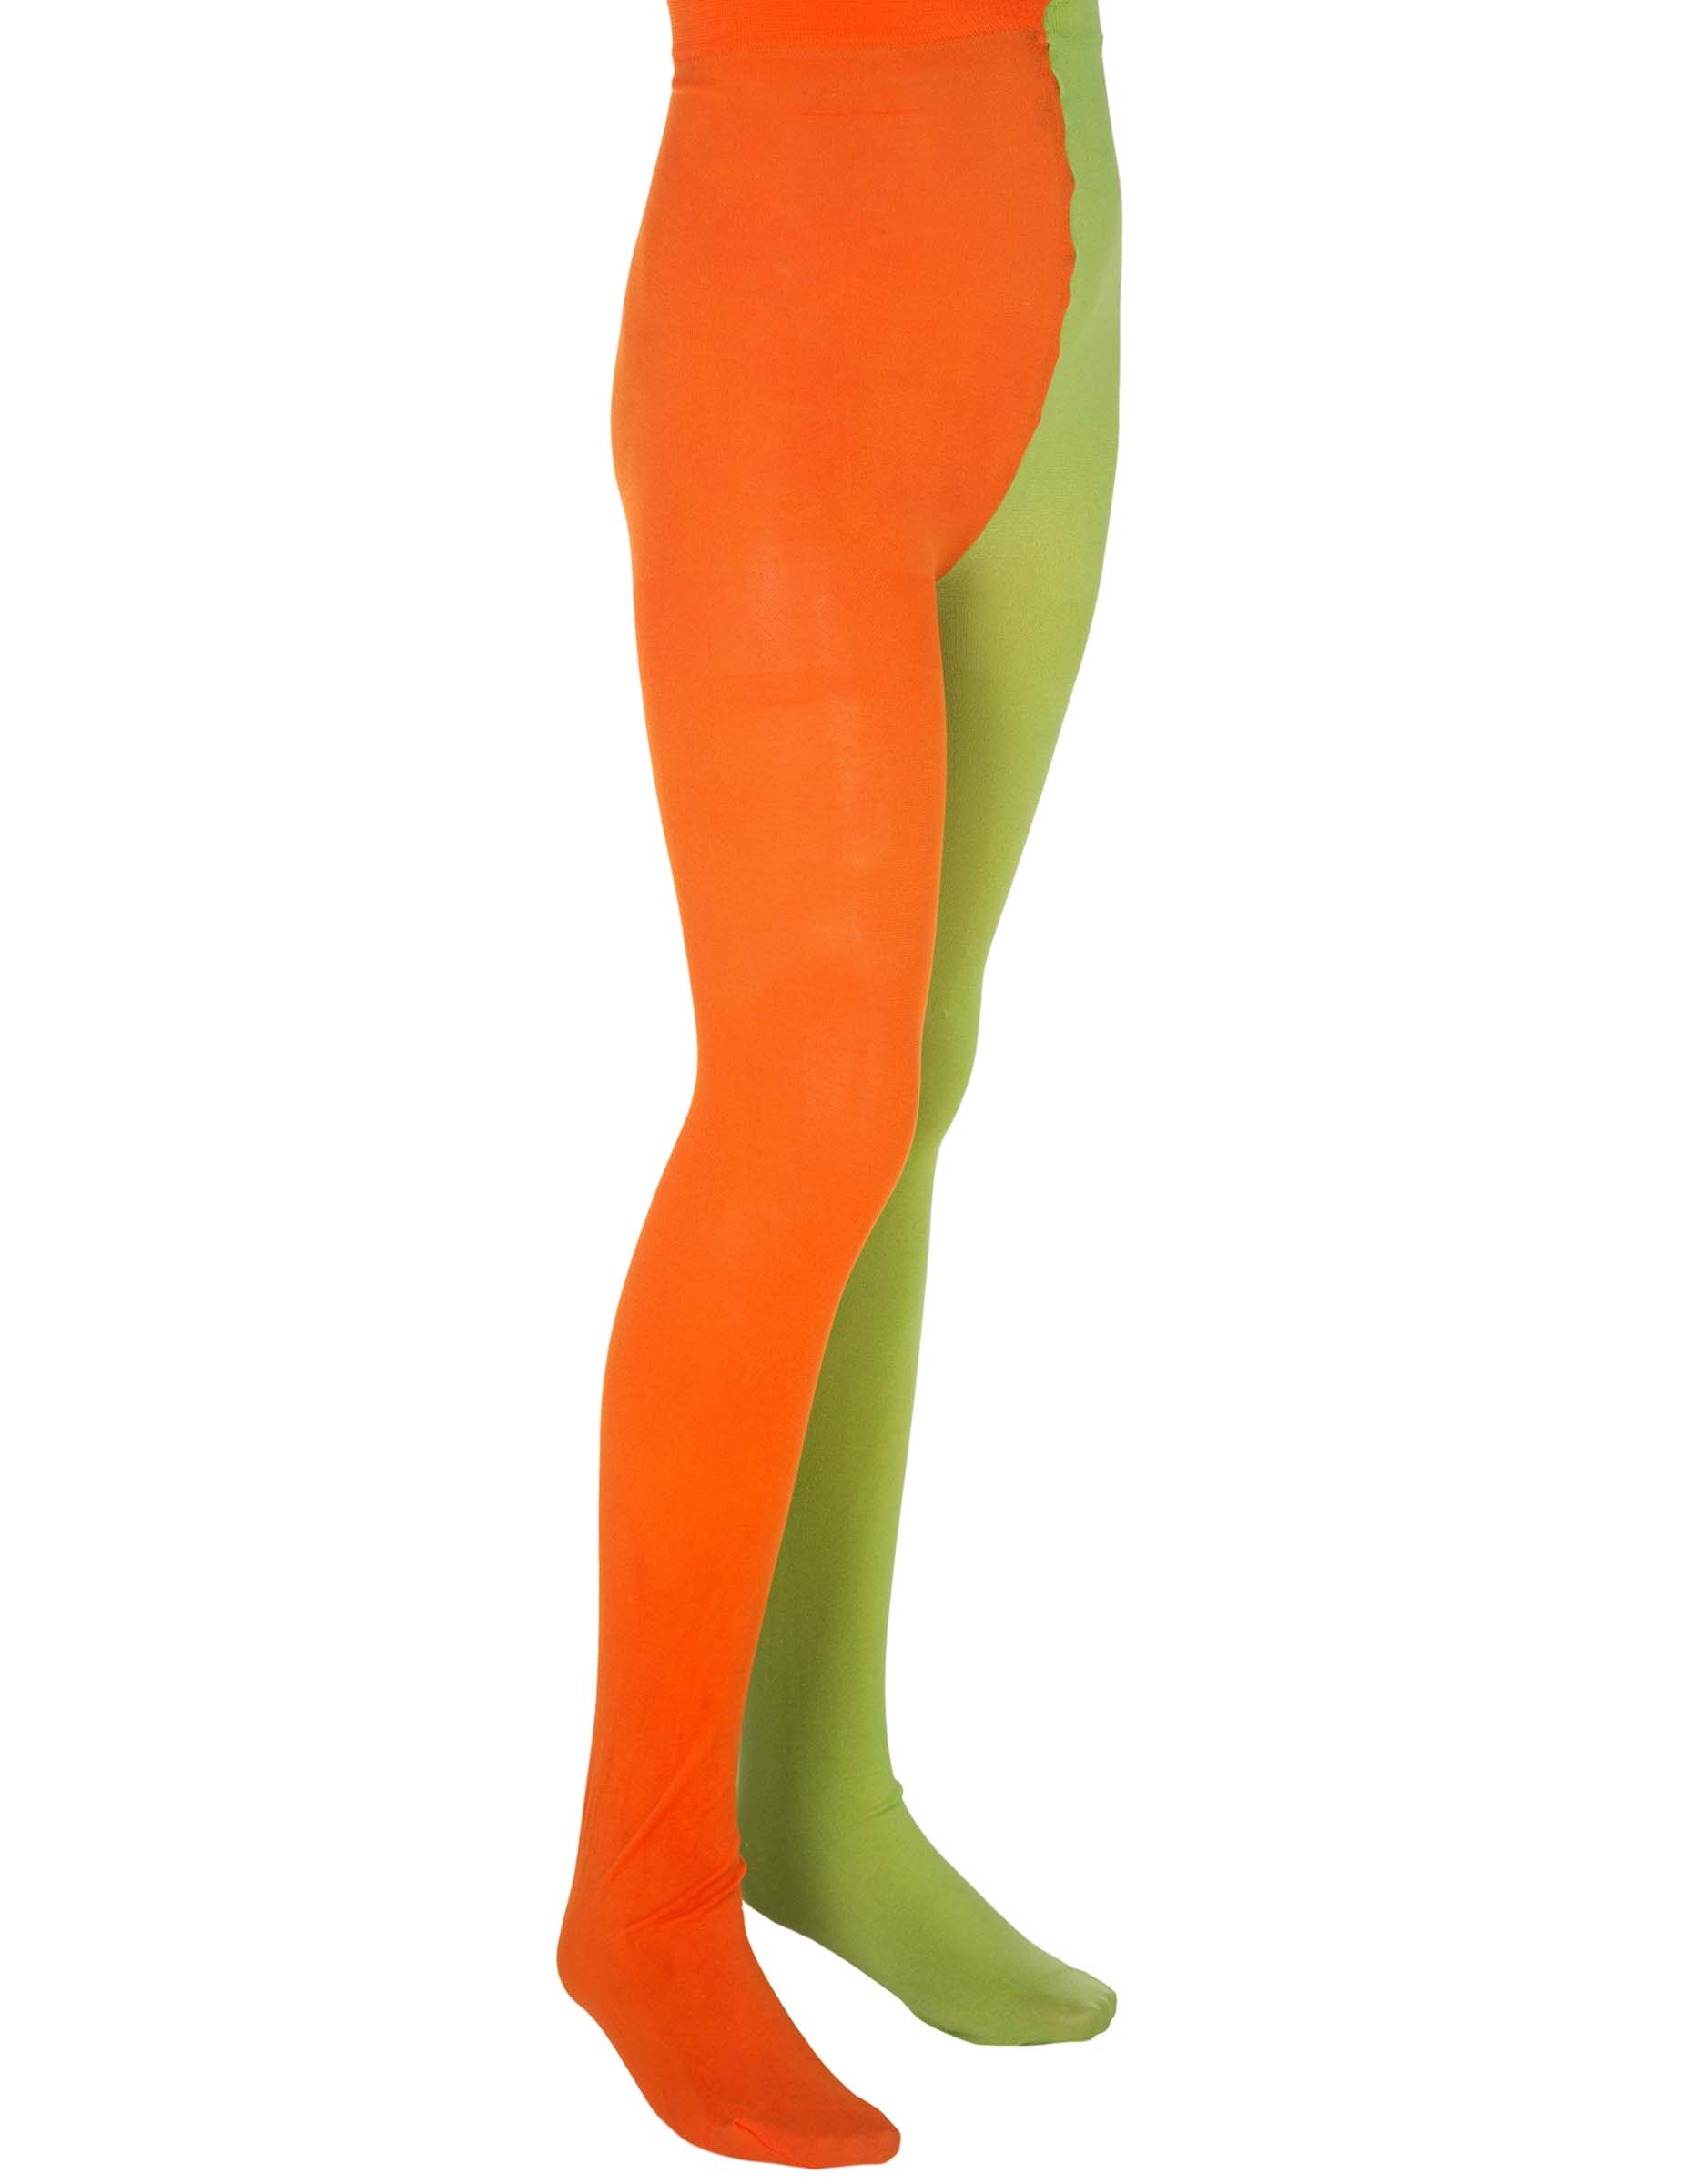 Calze pippi calzelunghe™ per bambina su vegaooparty negozio di